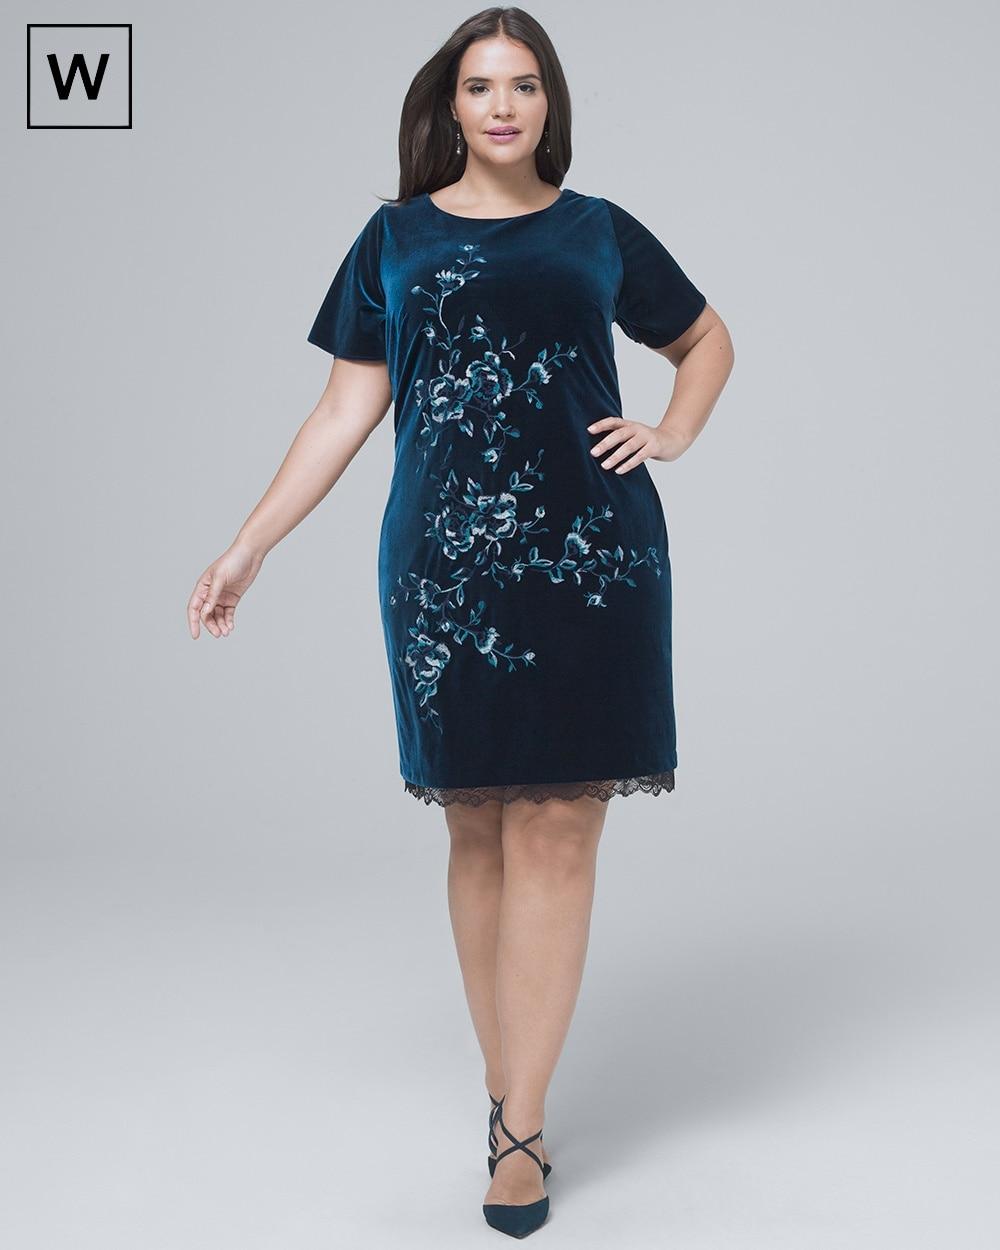 Plus Embroidered Velvet Shift Dress - White House Black Market bb2945506